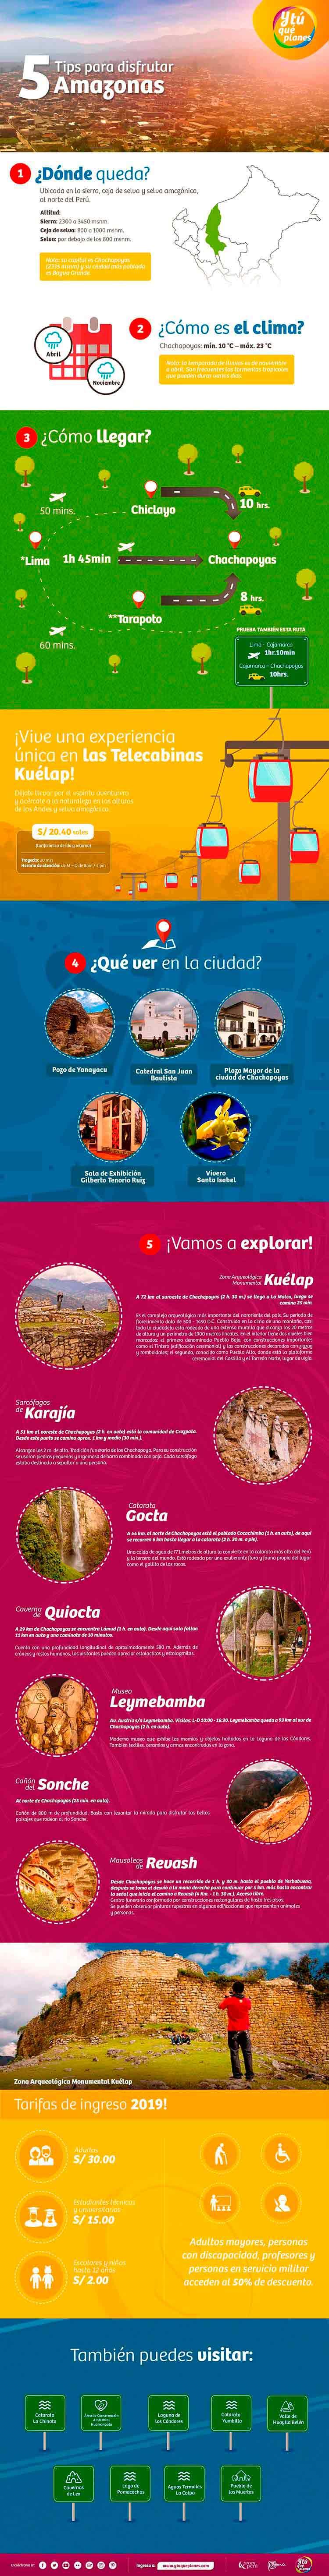 5 tips para disfrutar tu viaje a Amazonas